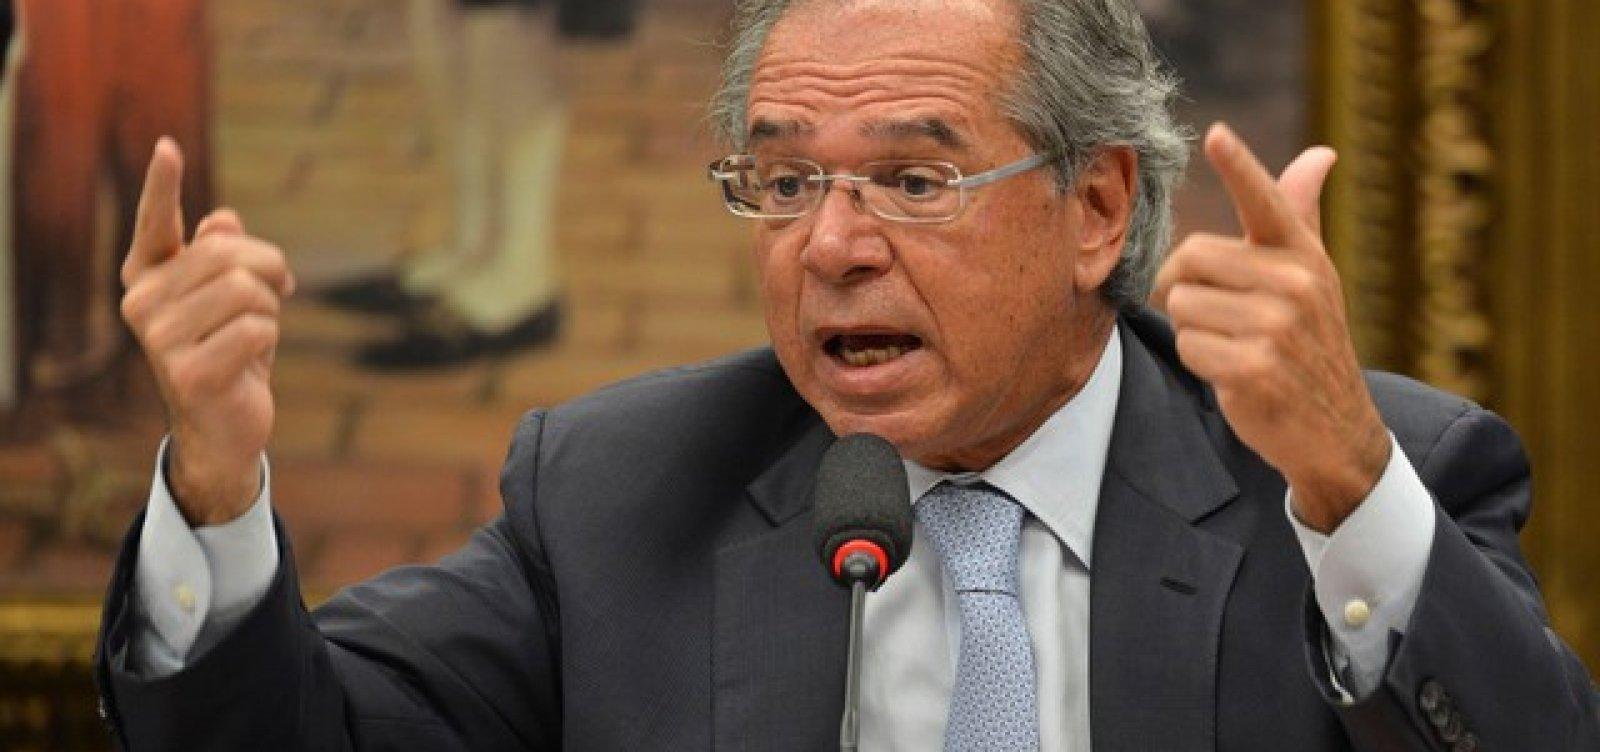 Ninguém tem de ficar preocupado com a alta do dólar, diz Paulo Guedes